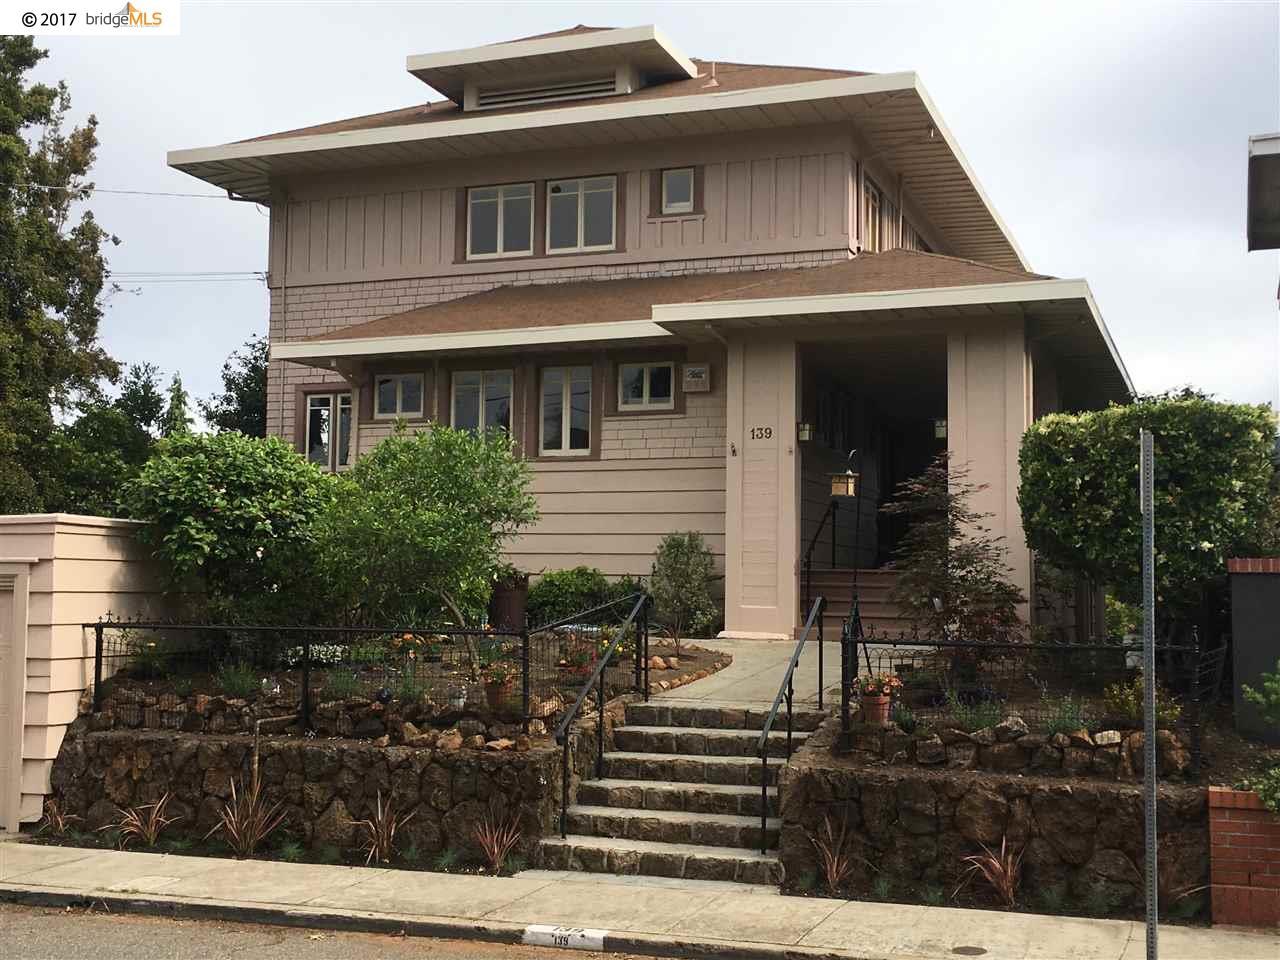 139 Hillcrest Rd, BERKELEY, CA 94705